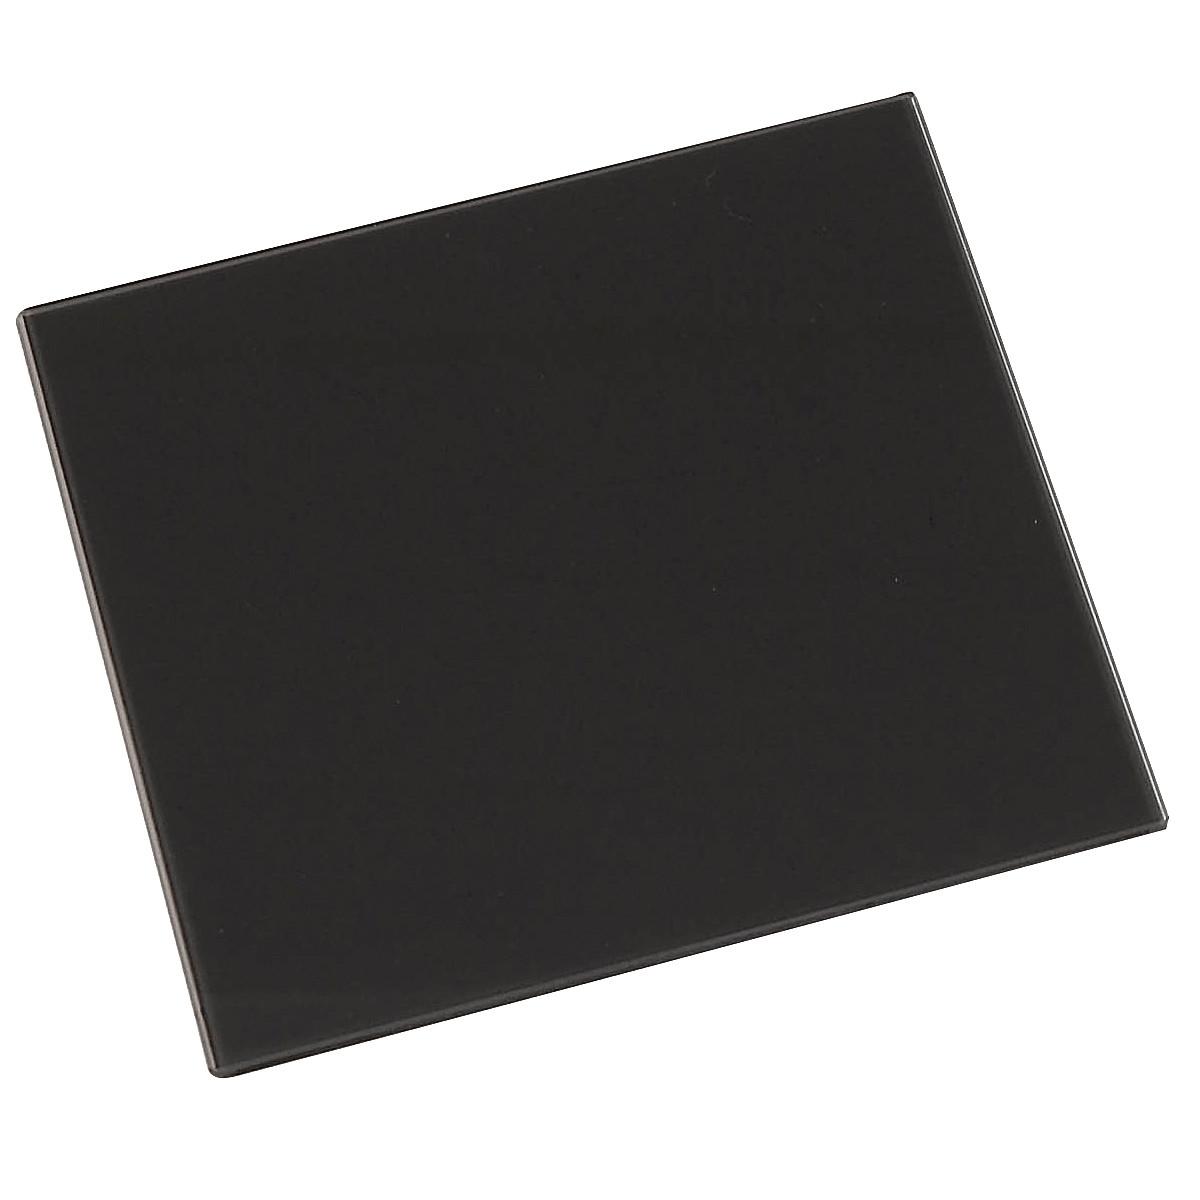 Фильтр нейтрально серый LEE ProGlass 0.6 ND 100x100 мм